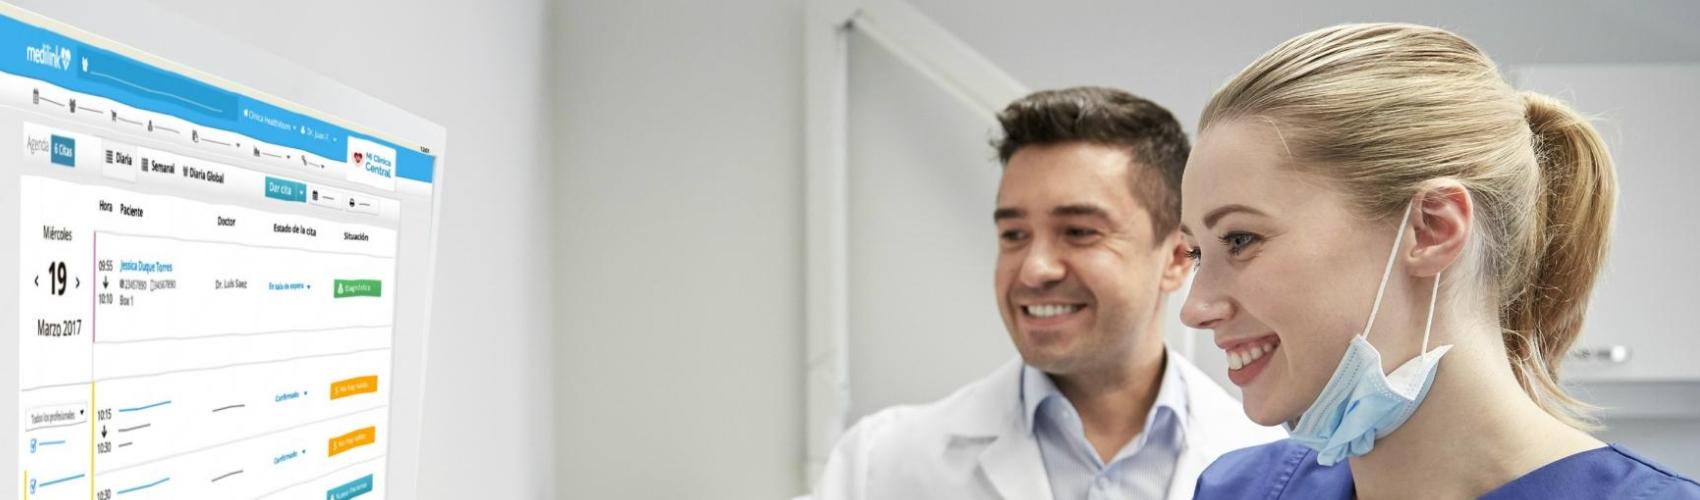 ¿Por qué tener una agenda médica en línea?